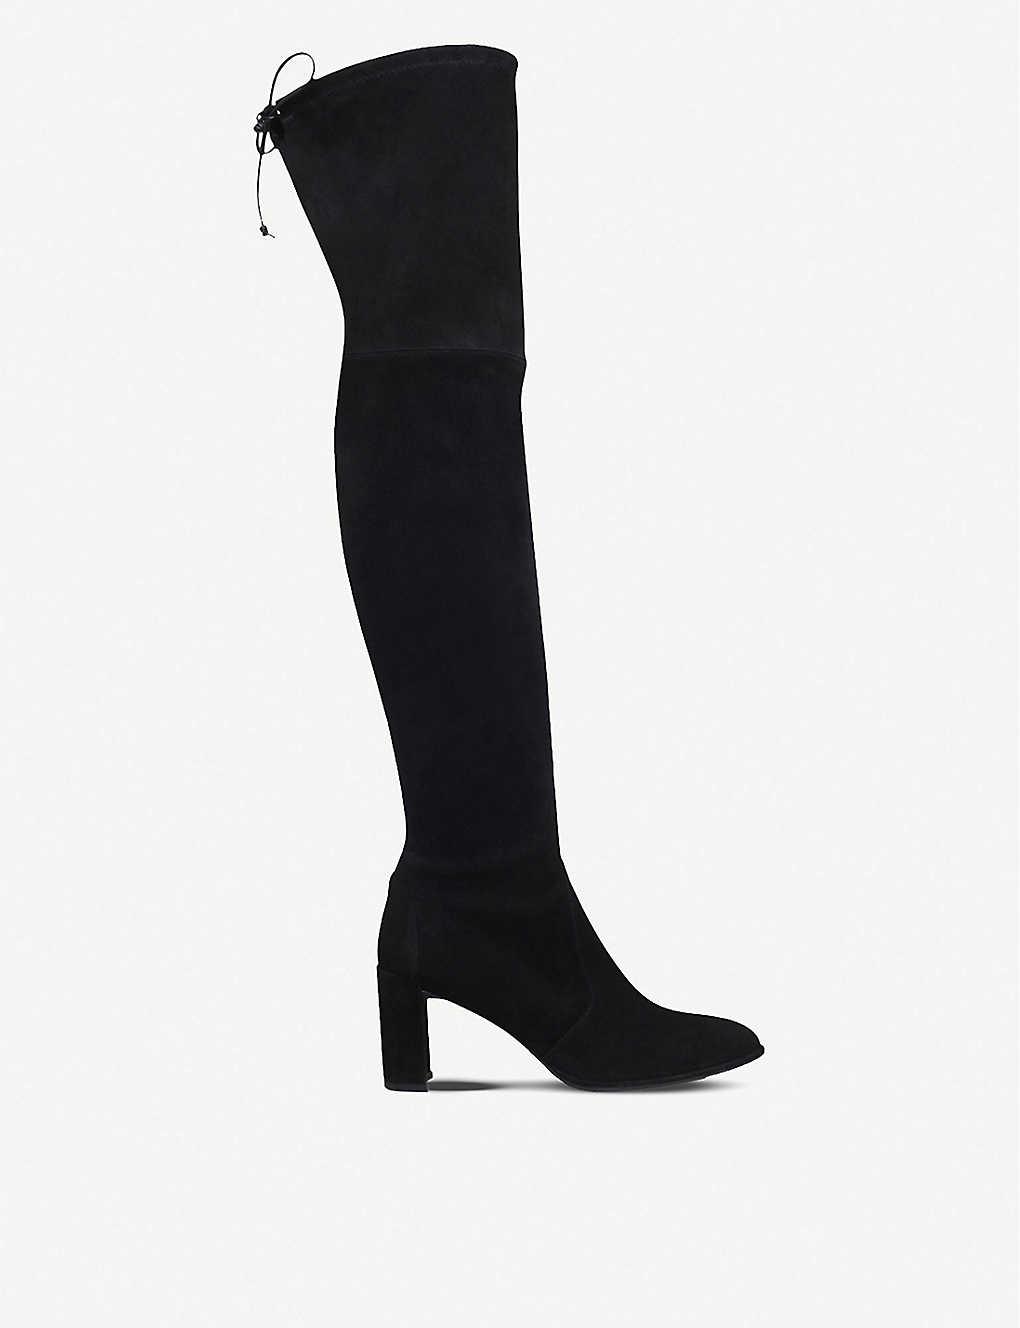 c90b0fd23 STUART WEITZMAN - Tieland suede over-the-knee boots | Selfridges.com